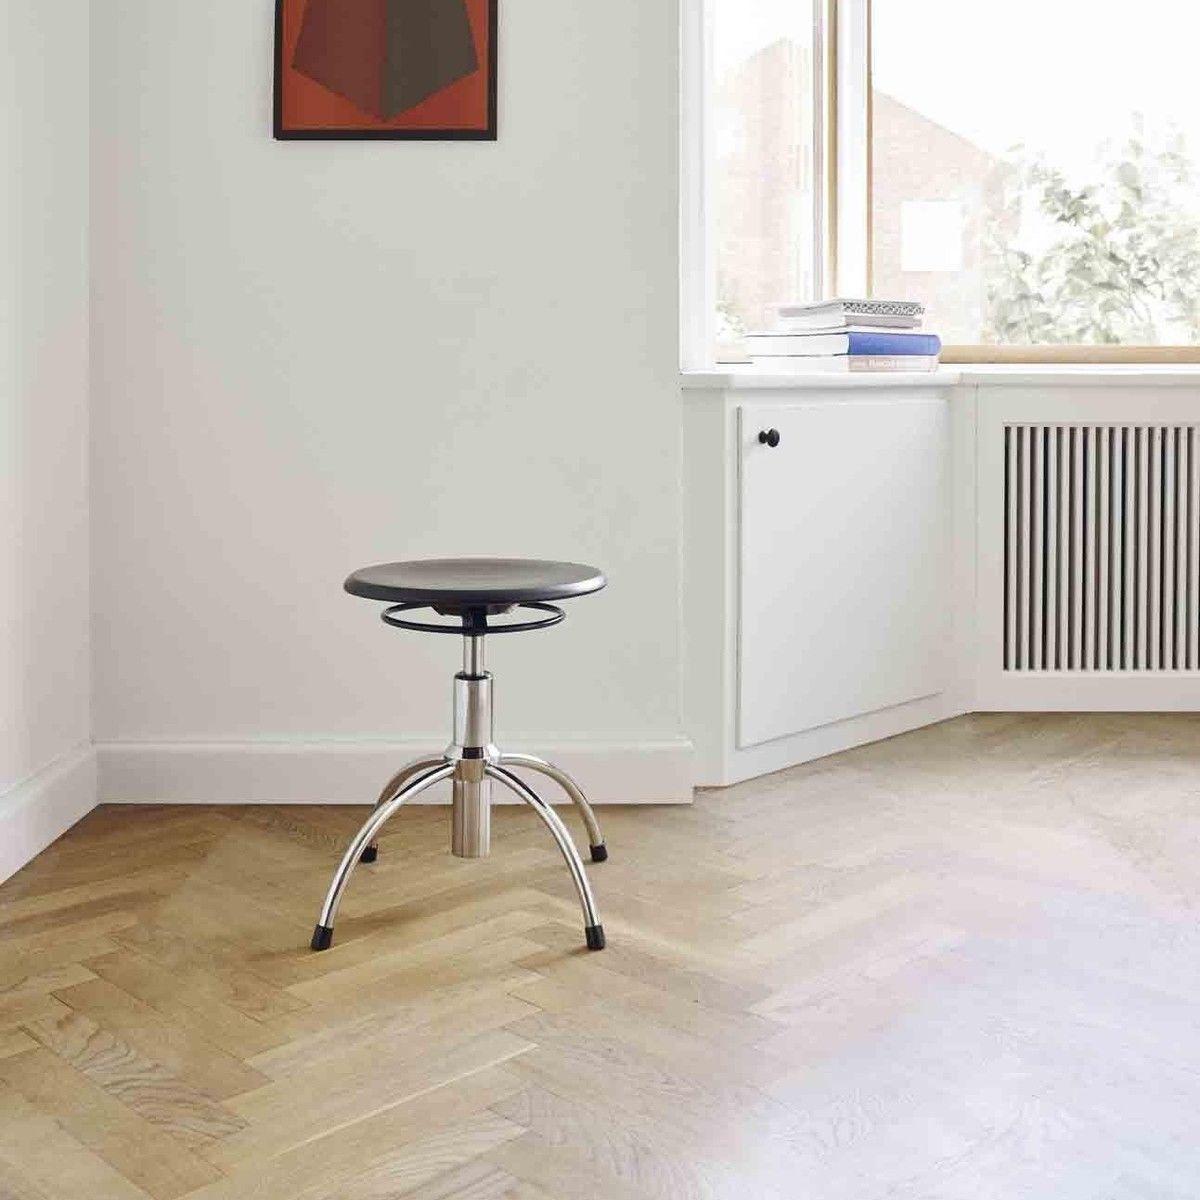 se 43 tabouret pivotant wilde spieth. Black Bedroom Furniture Sets. Home Design Ideas